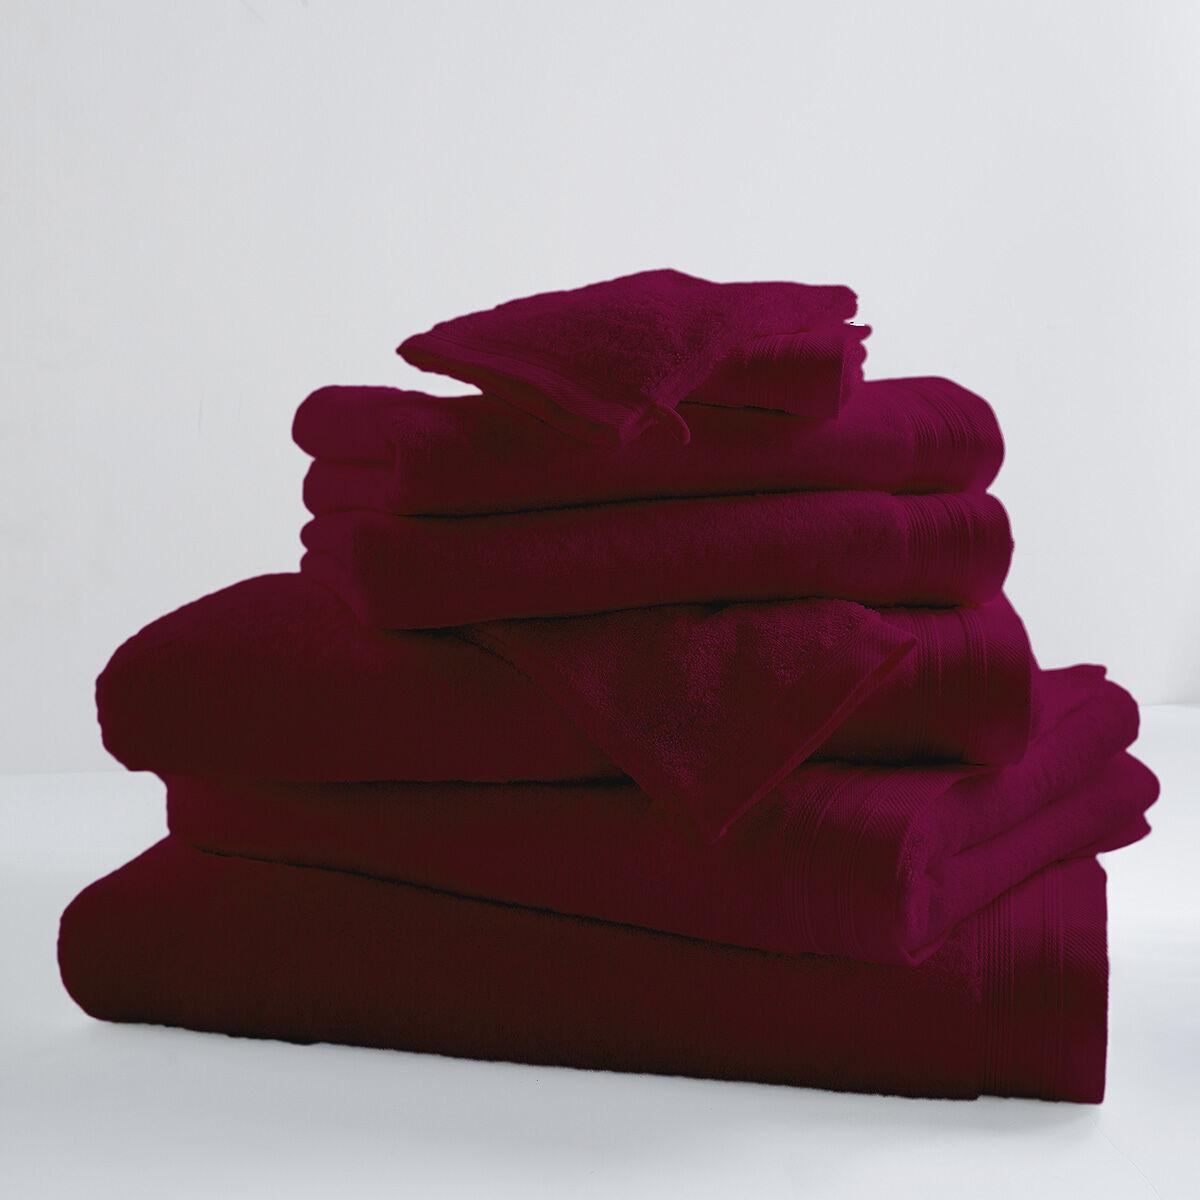 Home Bain Drap de bain uni et coloré coton raisin 150x100